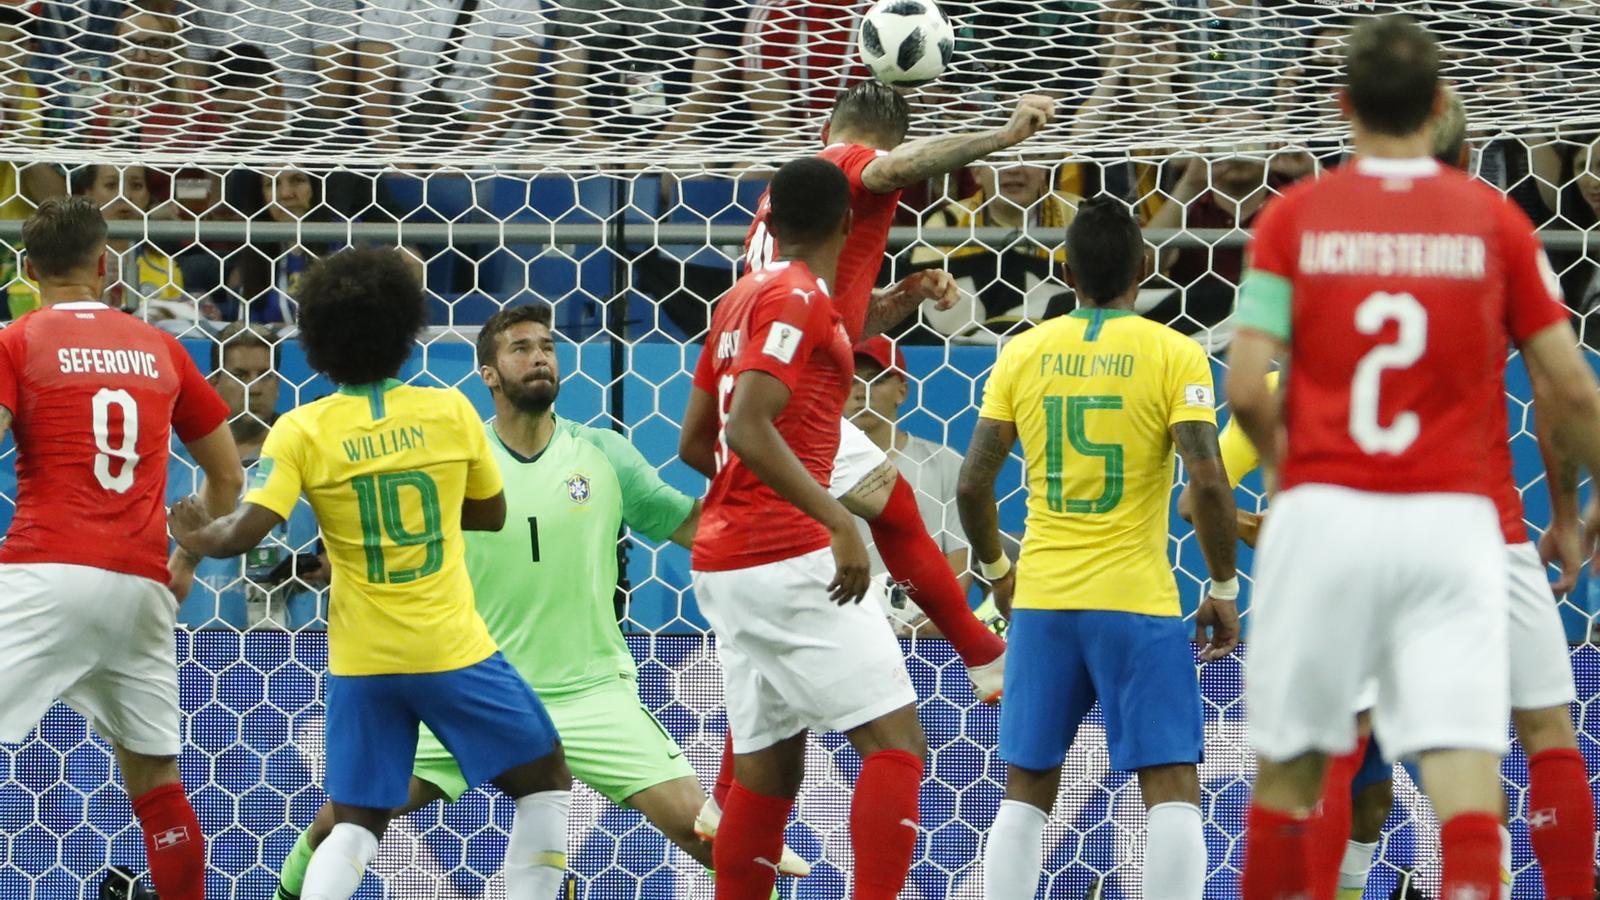 Al Brasil li pesa l'etiqueta de favorita i empata amb Suïssa (1-1)